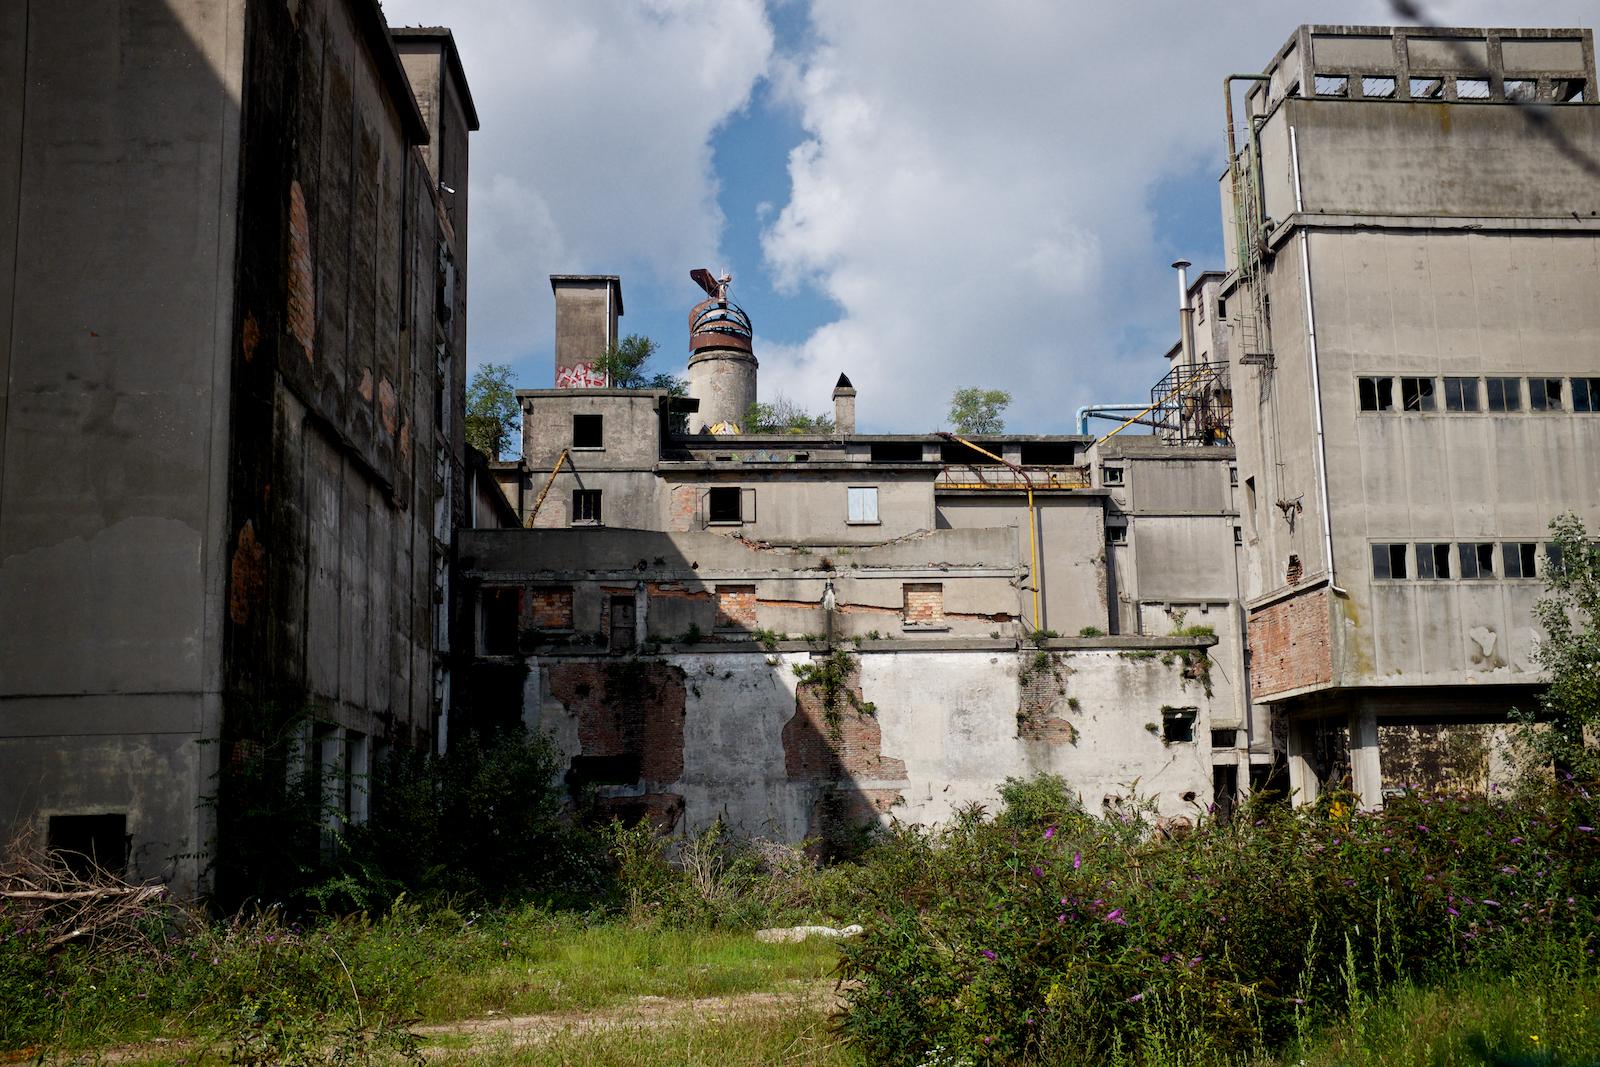 Parte degli ex-impianti dell'industria Montefibre (Montedison). In disuso da 20 anni, gli edifici sono pericolanti e a rischio crollo. In alcune zone dell'impianto il processo di bonifica non è ancora iniziato. Marghera, Settembre 2014.